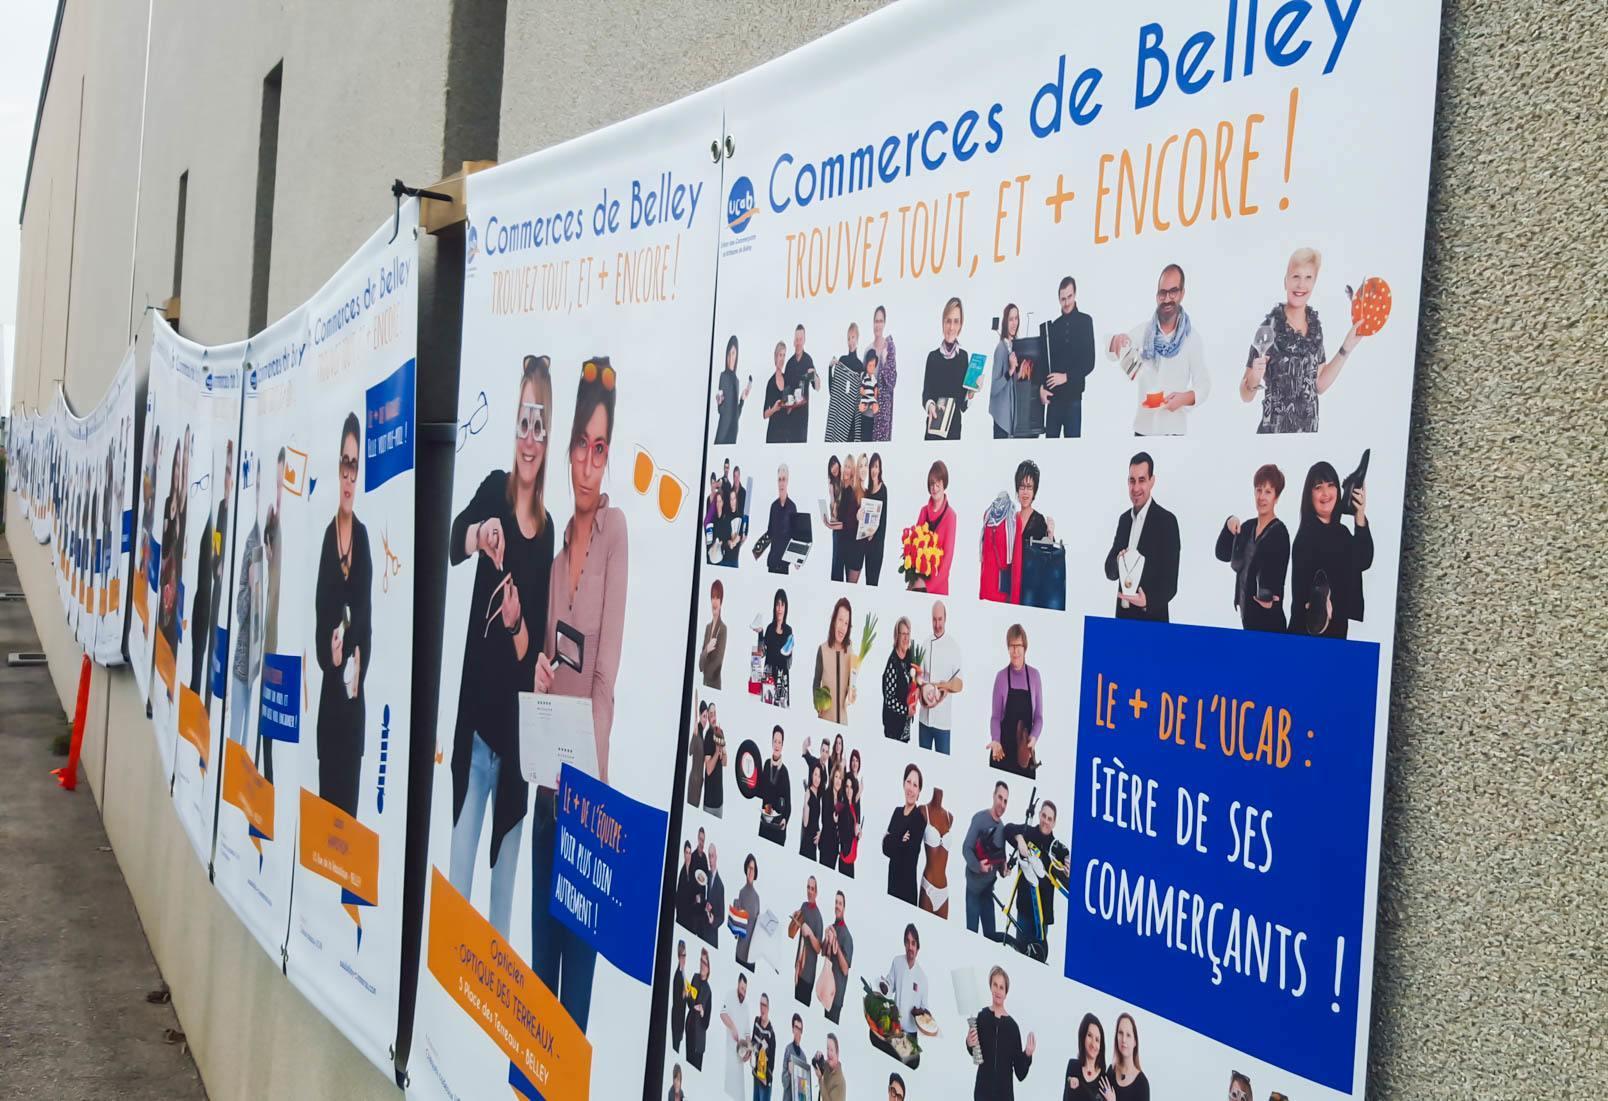 «Commerces de Belley, trouvez tout et + encore» à Bugey'Expo